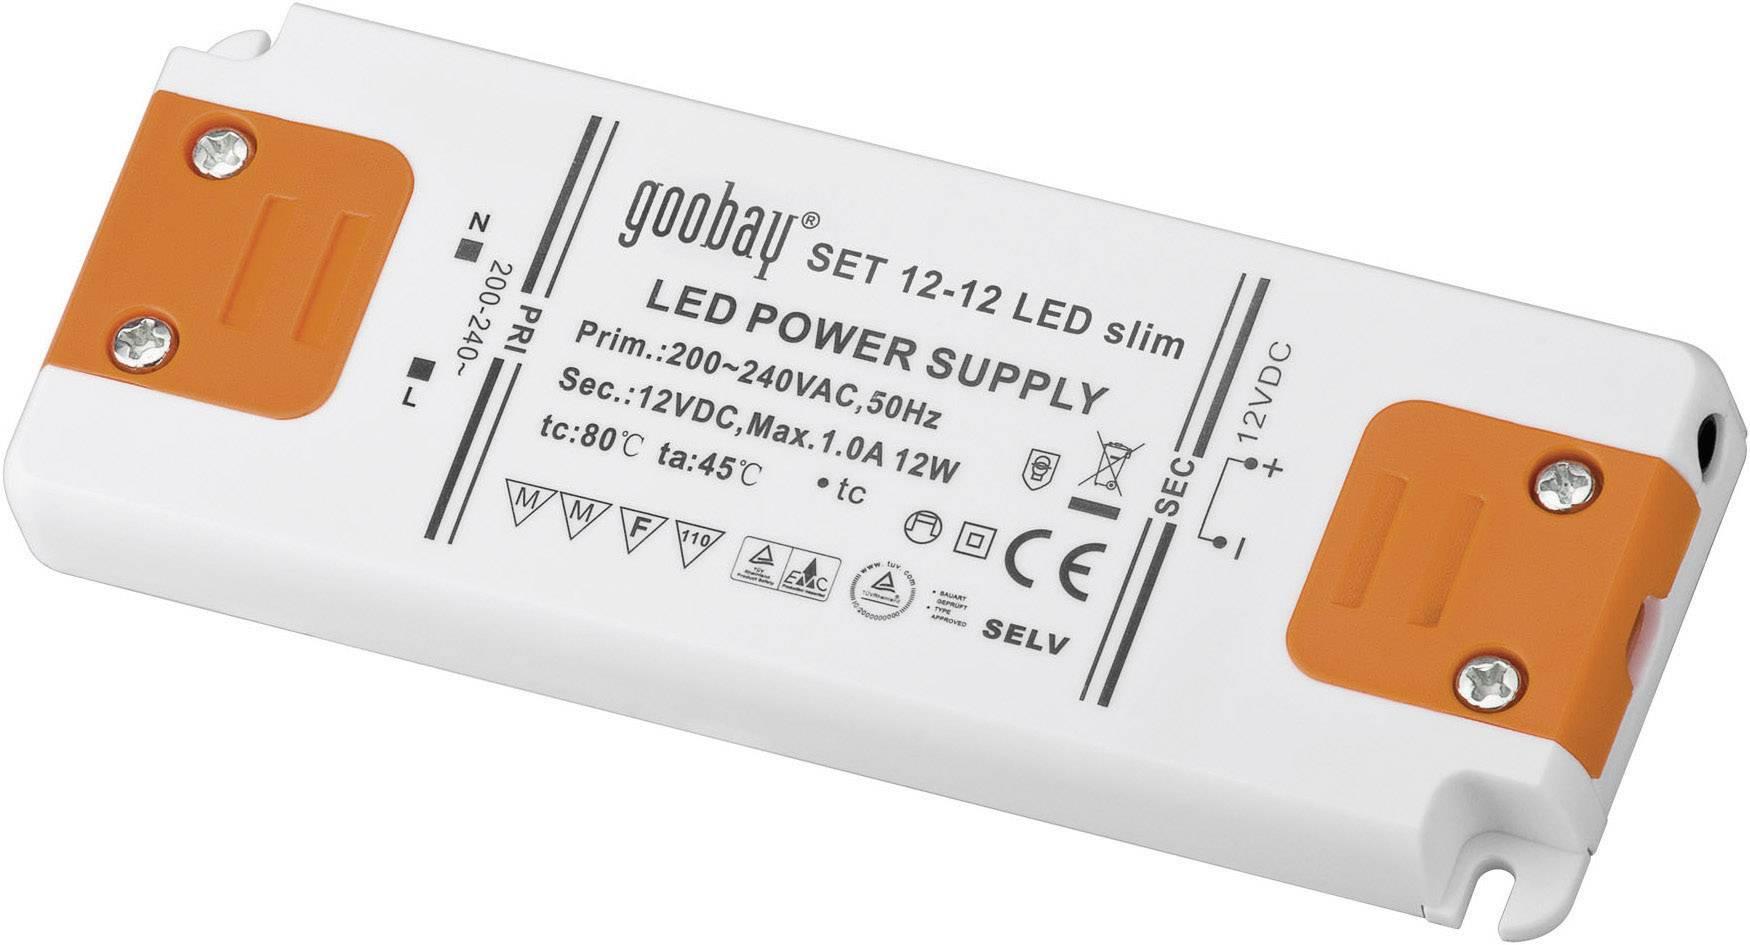 Napájací zdroj pre LED Goobay SET 12-12 LED slim, 12 W (max), 1 A, 12 V/DC